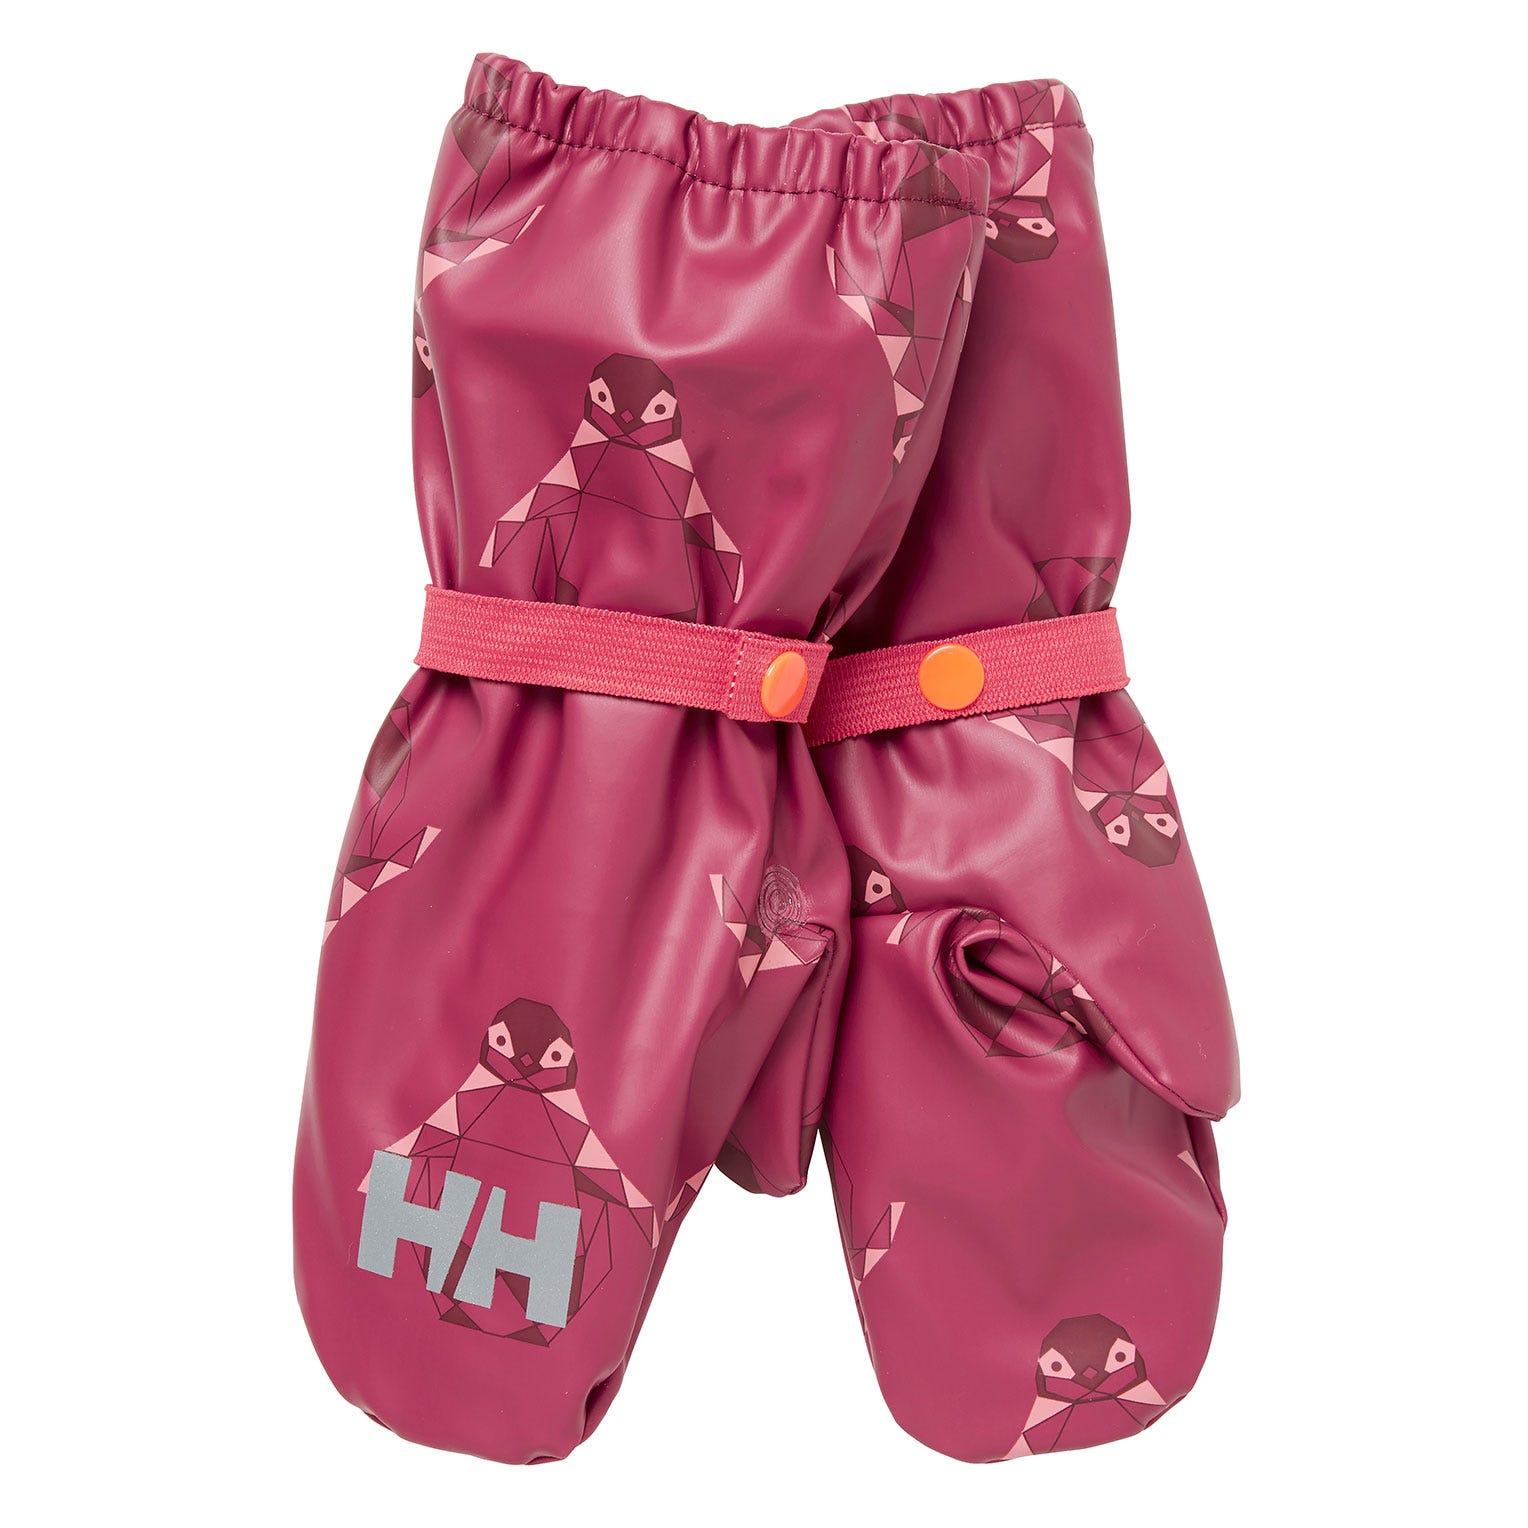 Helly Hansen Kids Bergen Fleece Pu Mittens Pink 4